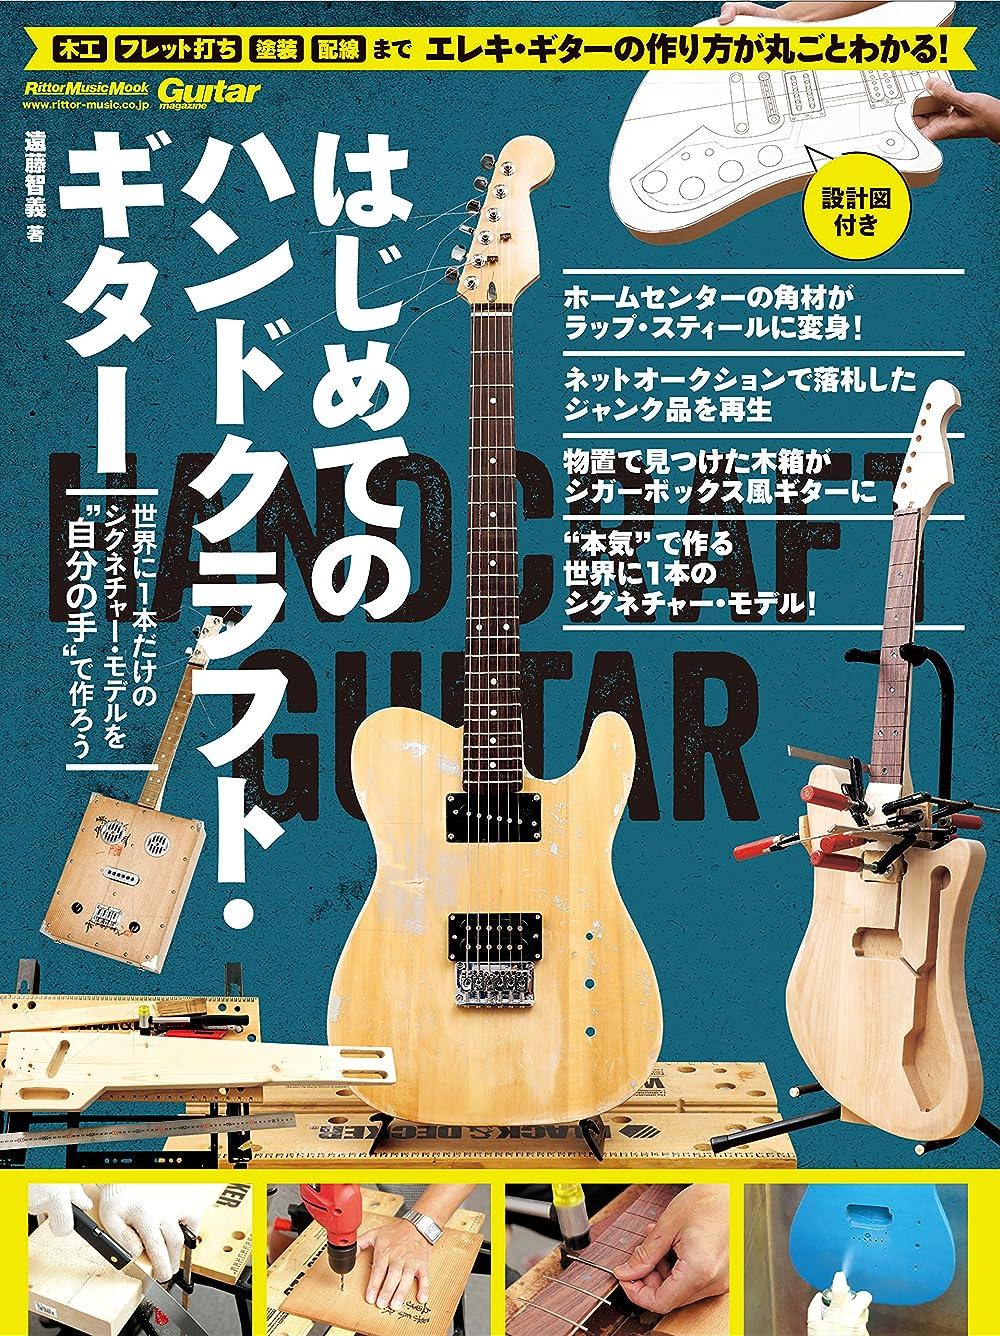 """のぞき見ささやき差別的はじめてのハンドクラフト?ギター 世界に1本だけのシグネチャー?モデルを""""自分の手"""